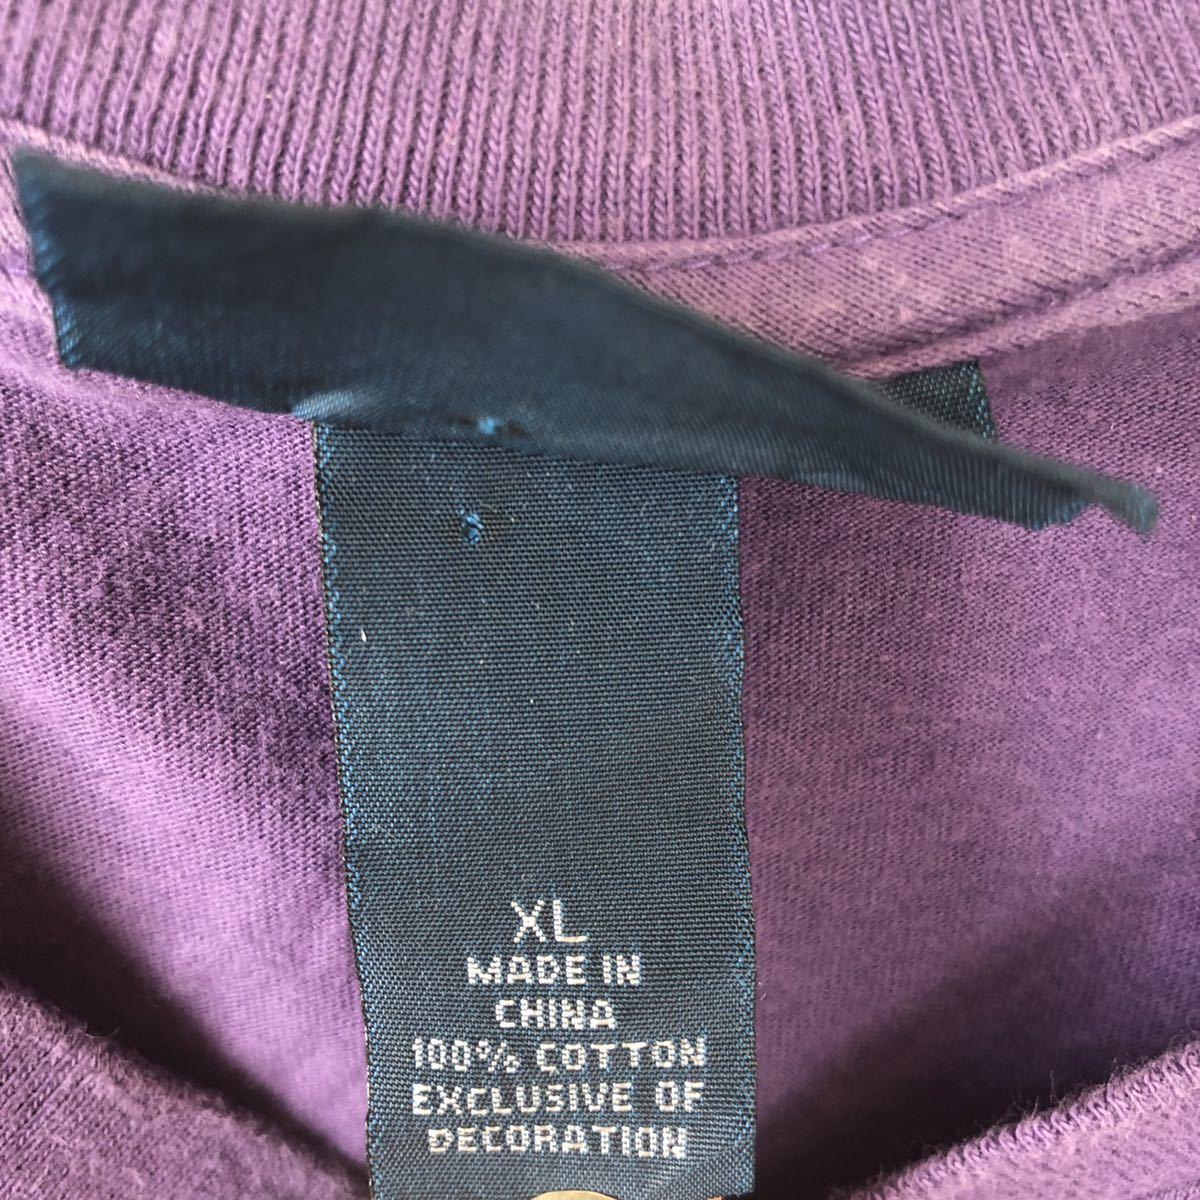 YR154 ポロバイラルフローレン POLO by Ralph Lauren 半袖 Tシャツ Vネック ワンポイント 刺繍ロゴ 紫 パープル ビッグサイズ メンズXL nn_画像5